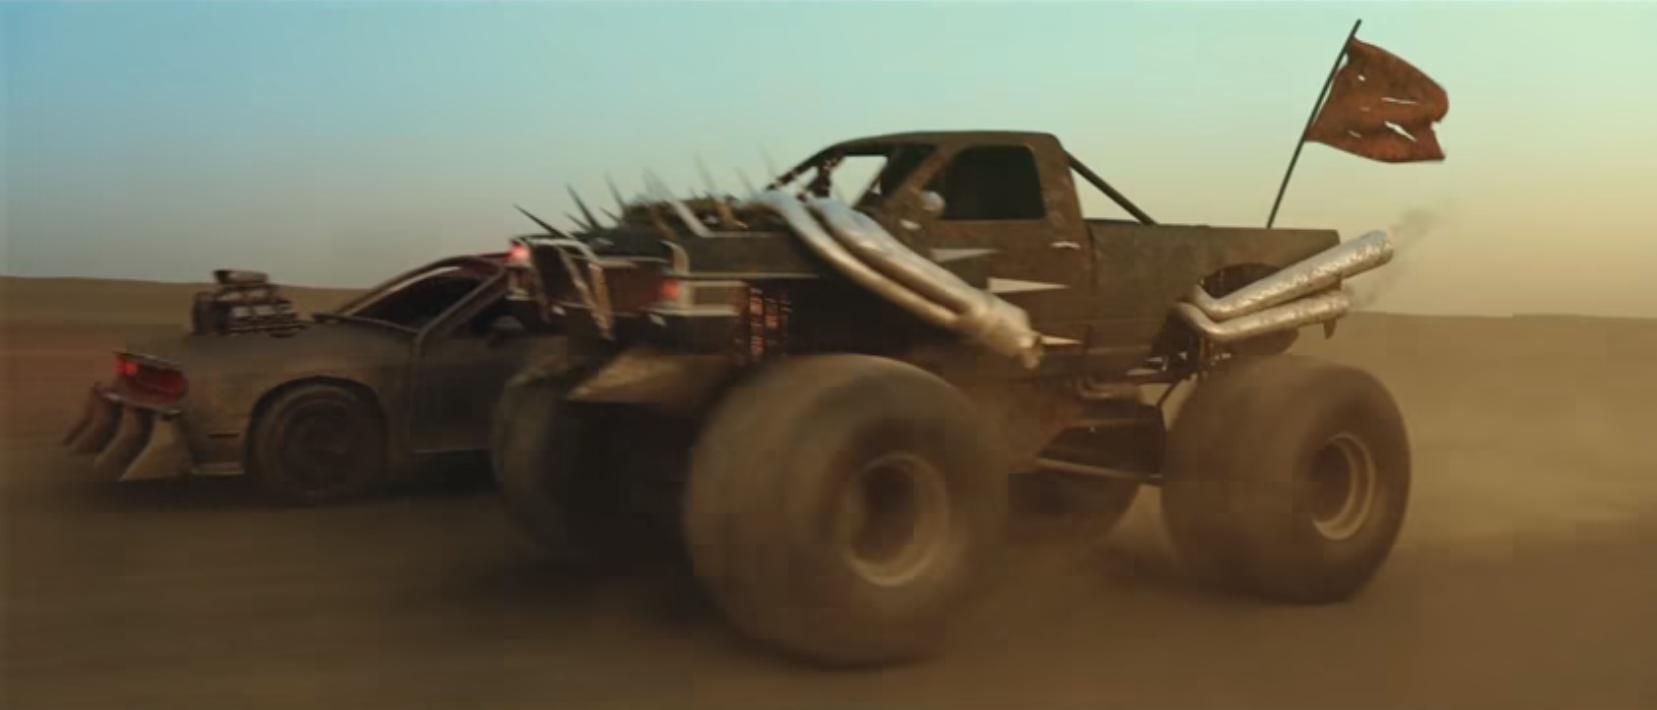 Реклама Пепси в Саудовской Аравии | Студия Ракета